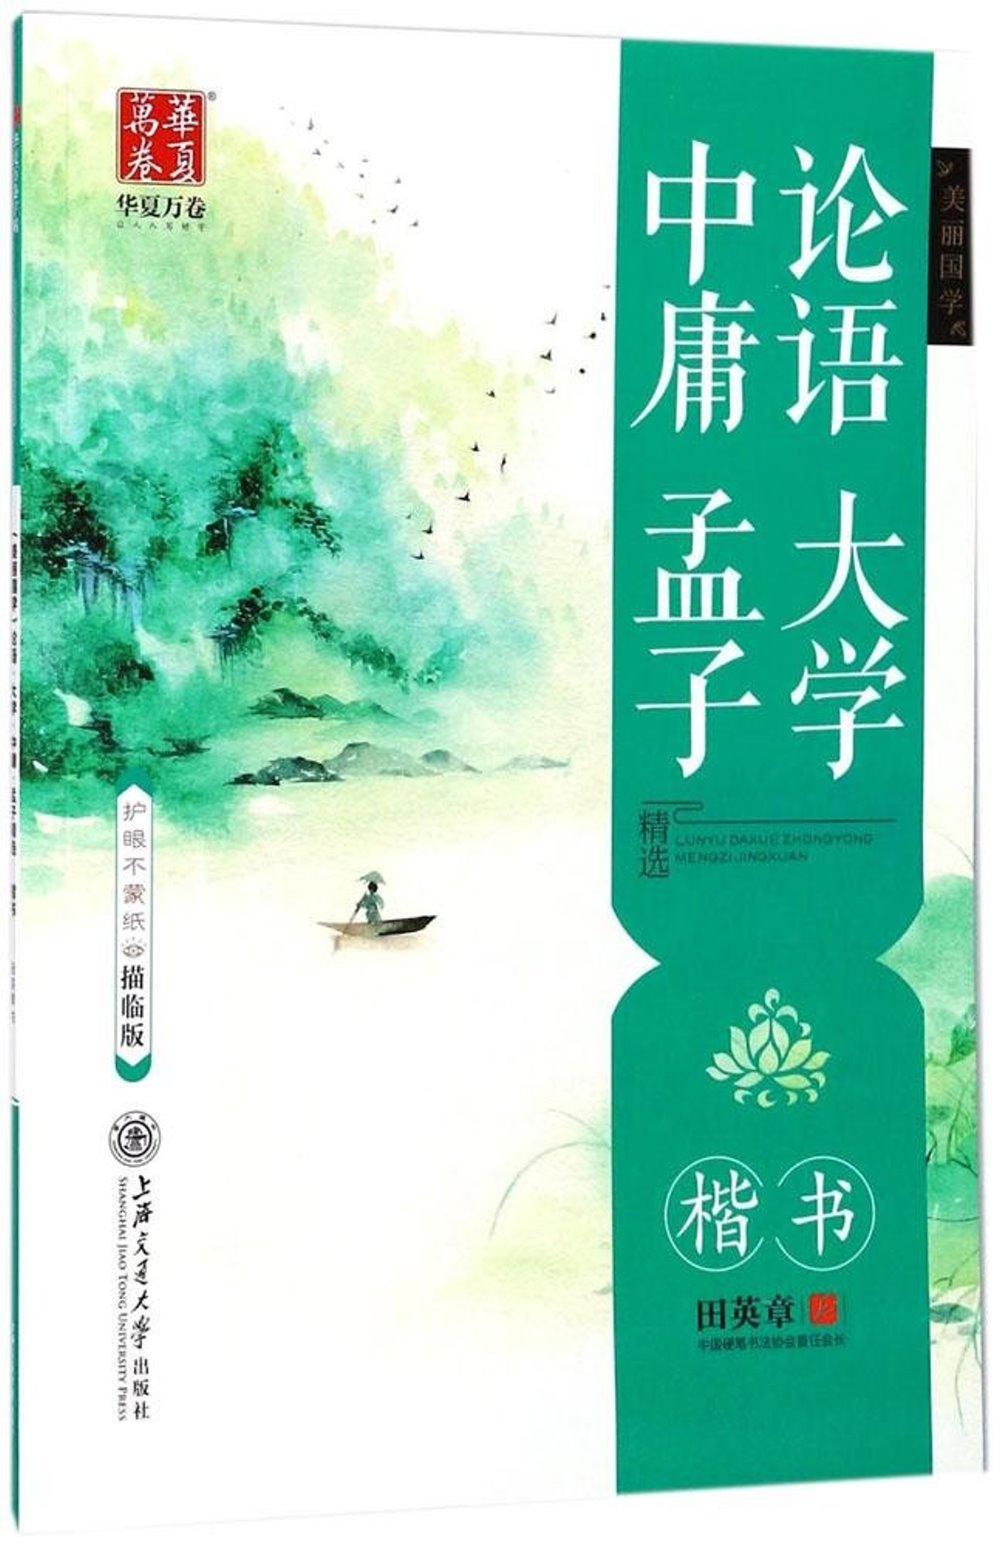 華夏萬卷.美麗國學:論語·大學·中庸·孟子精選 楷書